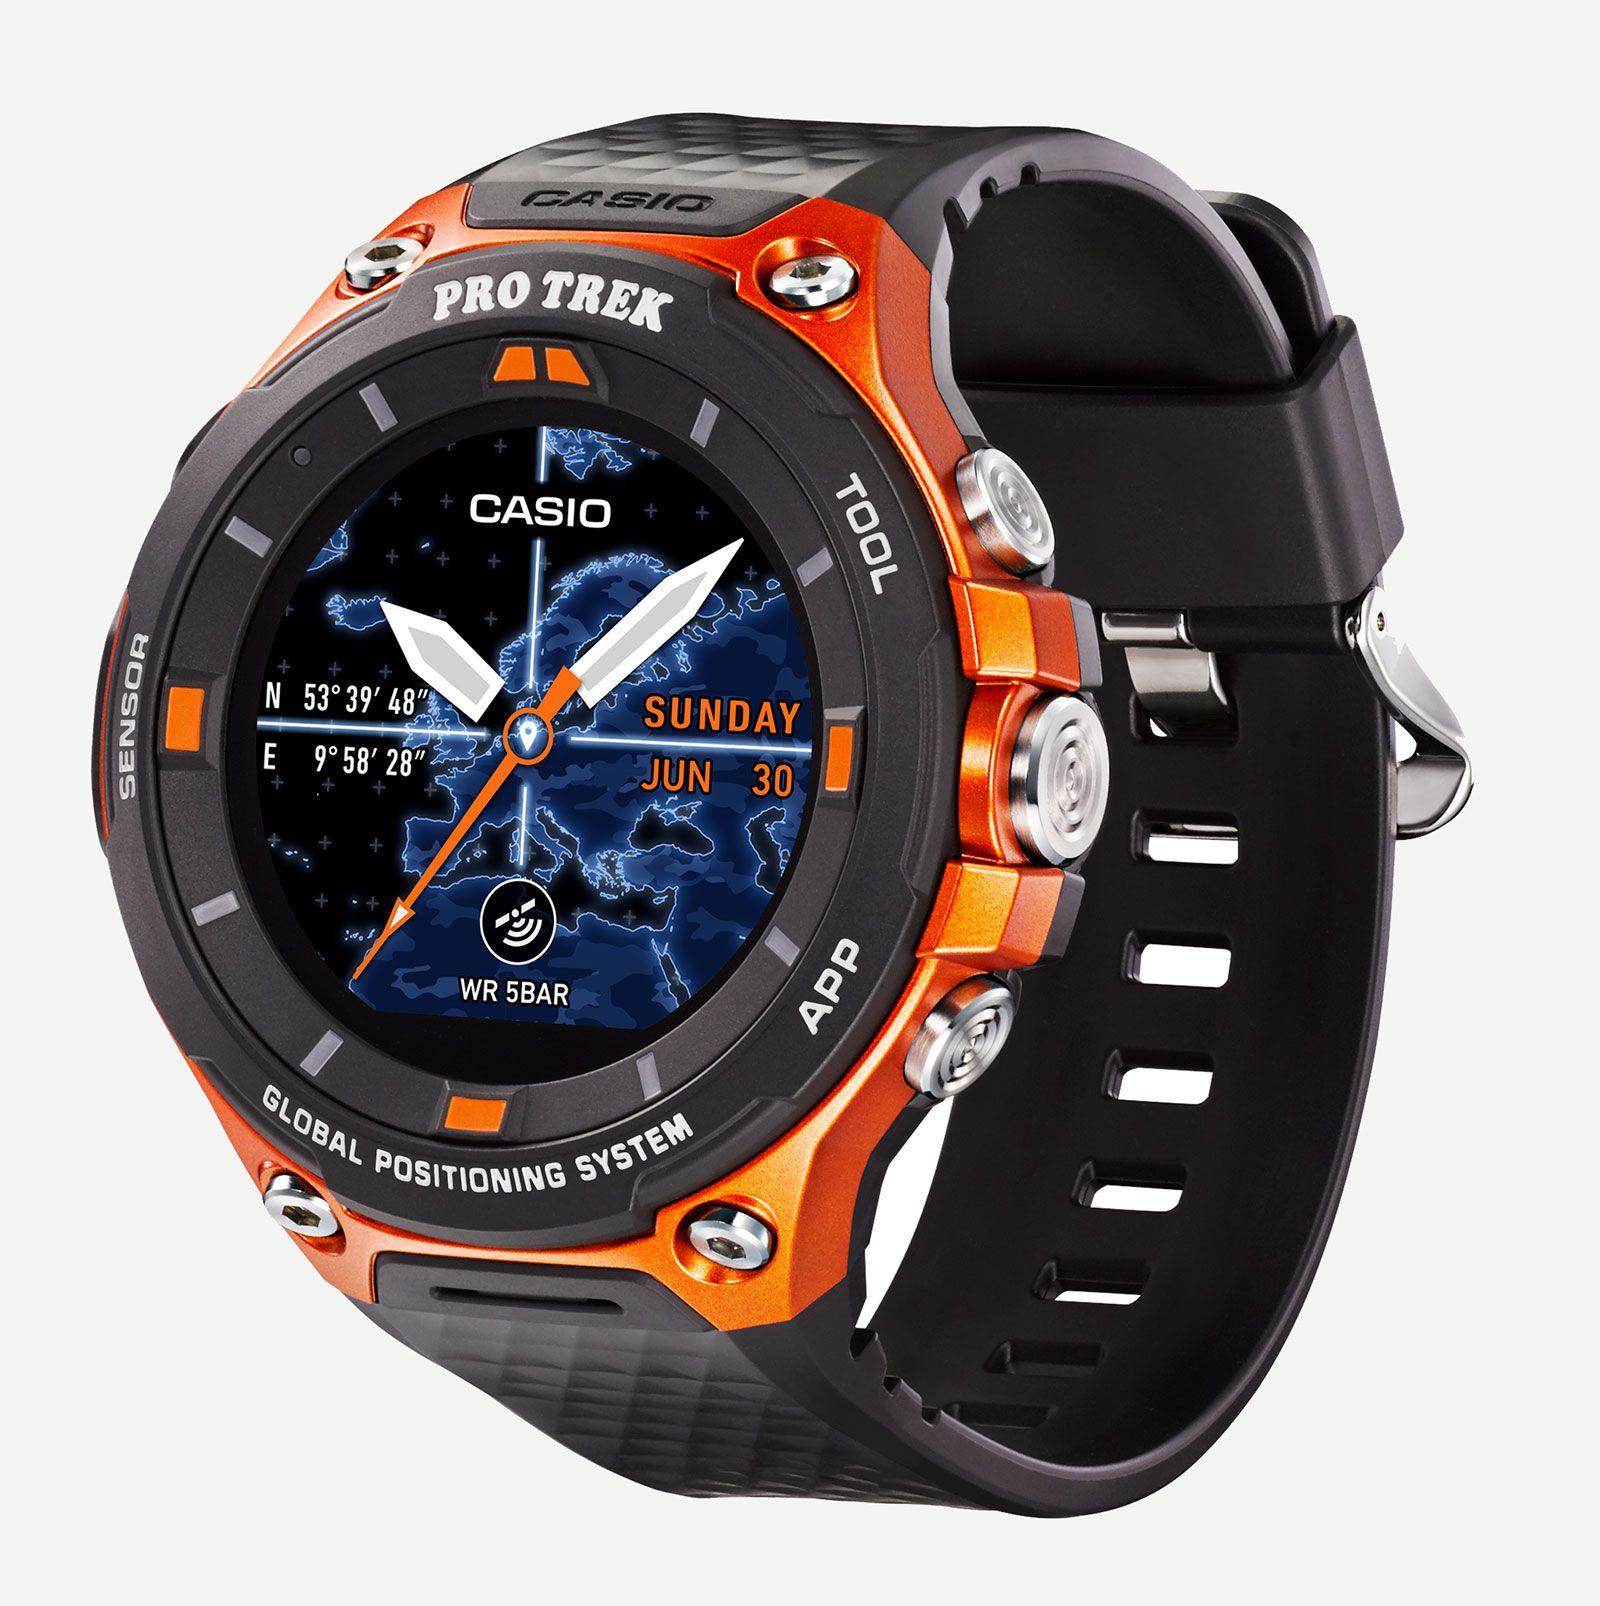 Casio Protrek Prg130y Relogio Triplo Sensor Relgios Prg 280 2 Original Wsd F20 Smart Outdoor Watch 5